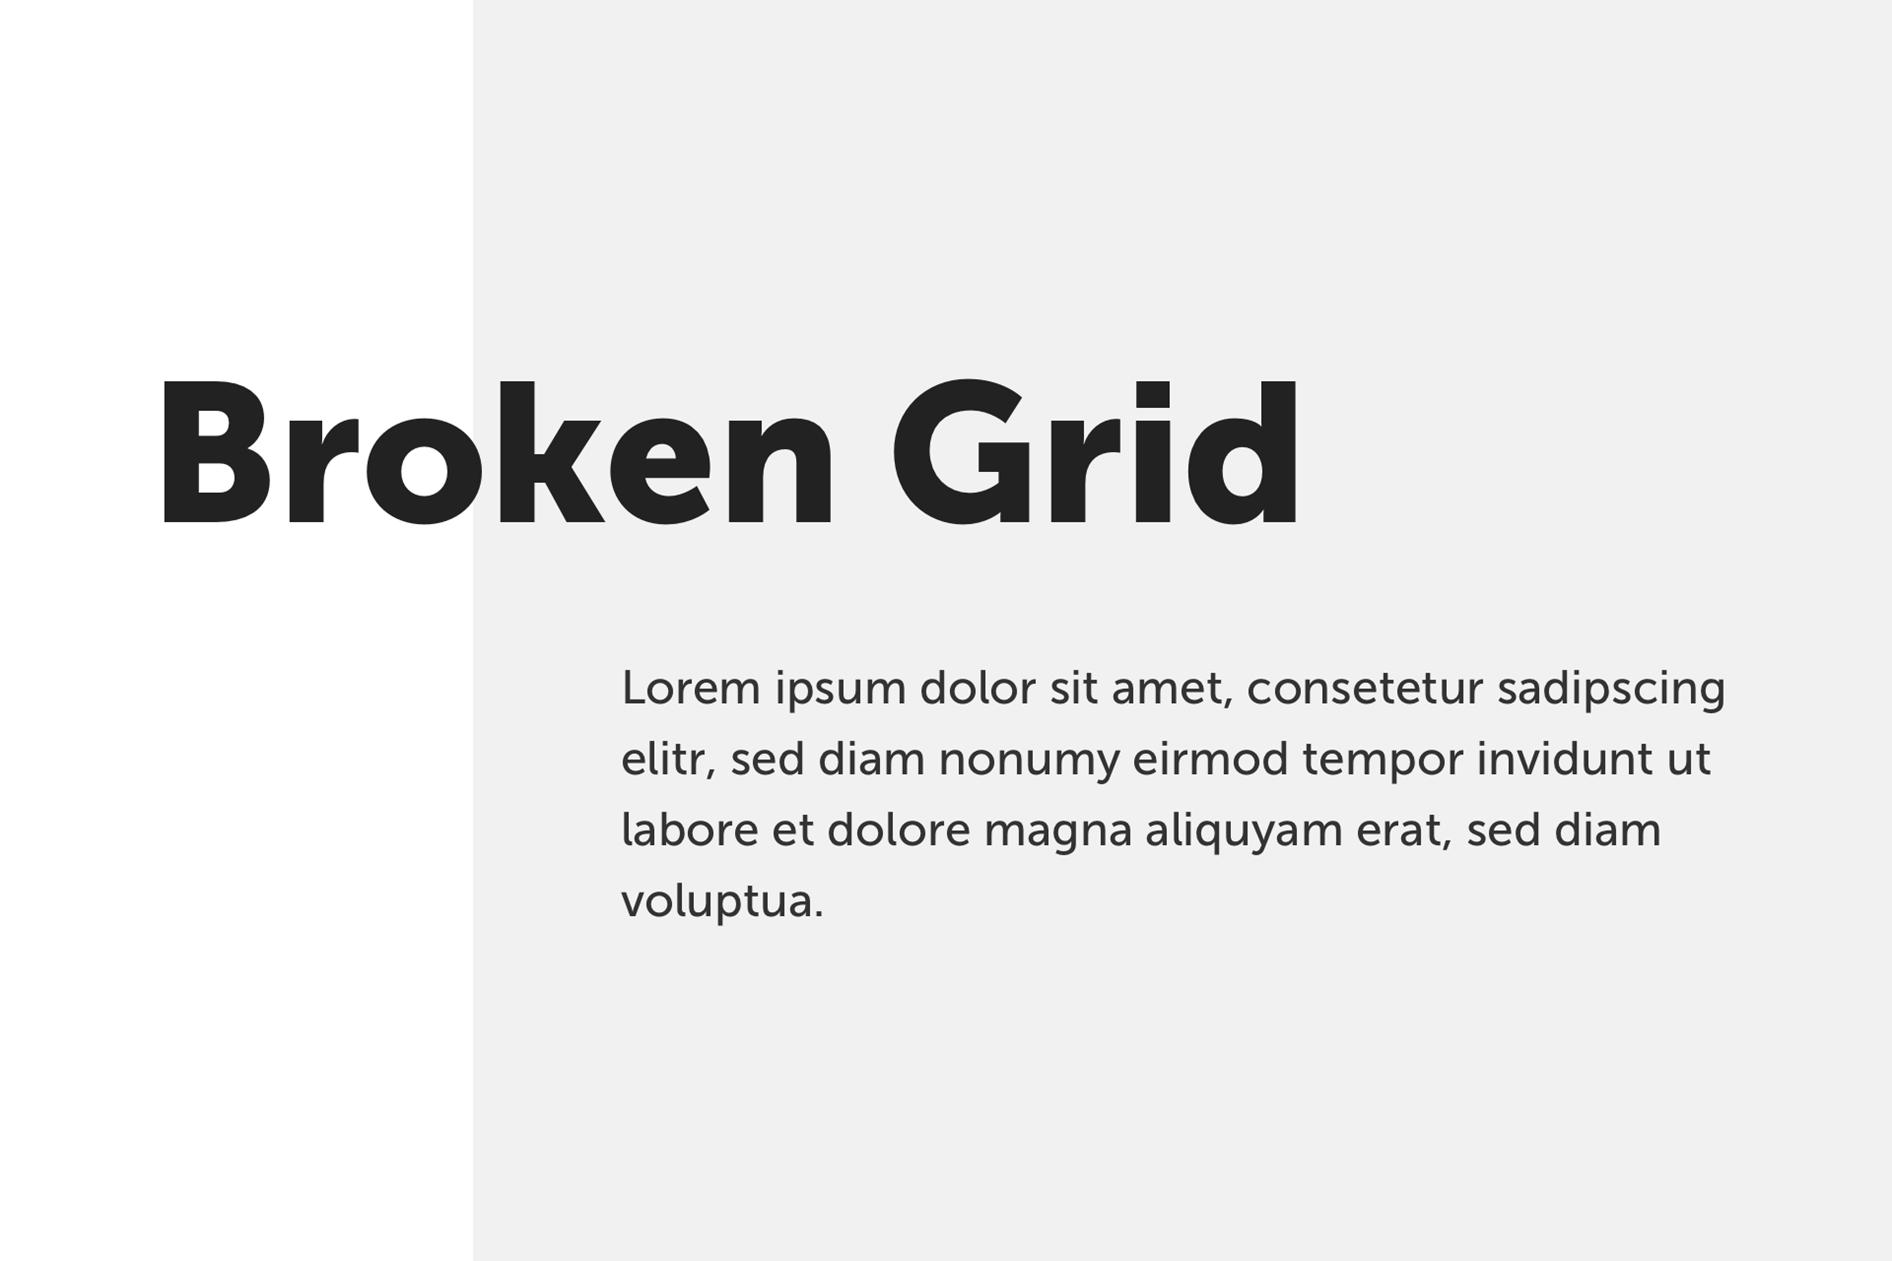 Beispiel für ein Broken Grid Design